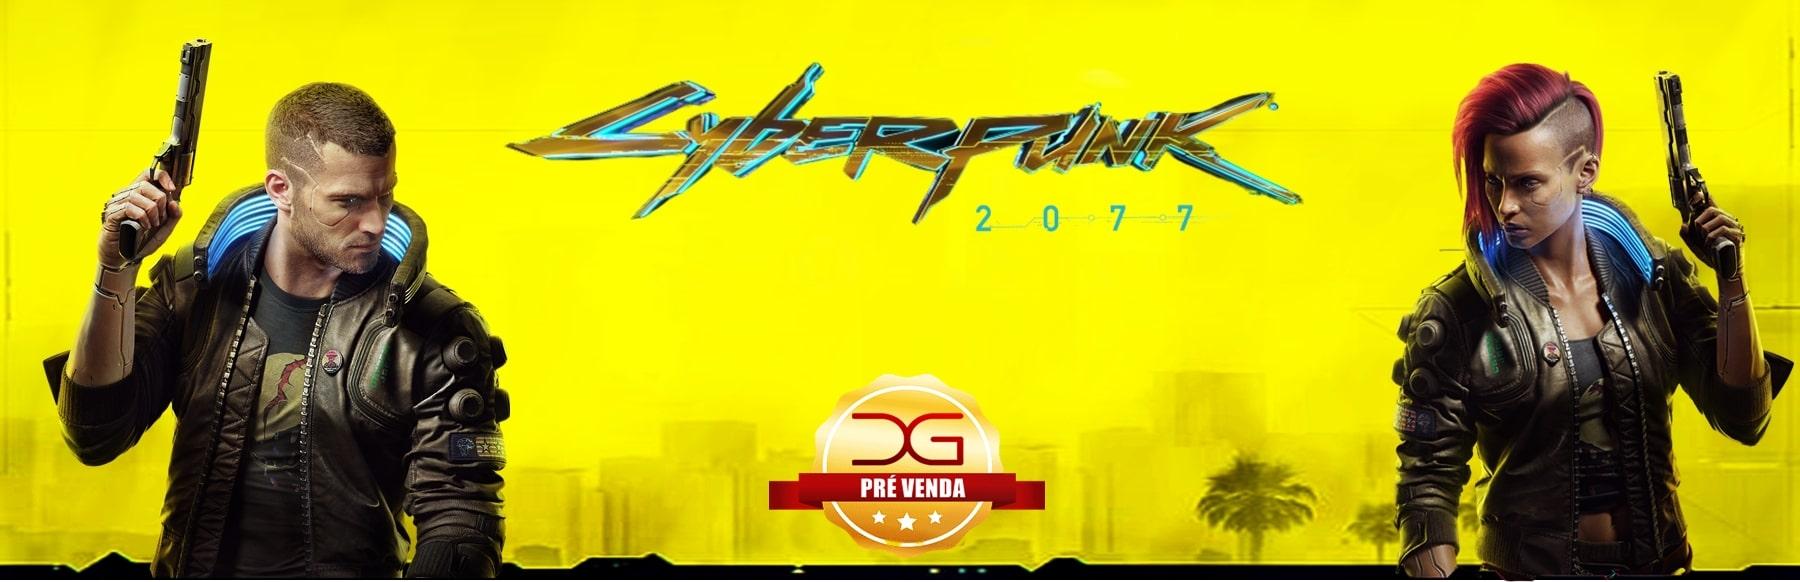 CyberPunk 2077 Pré Venda